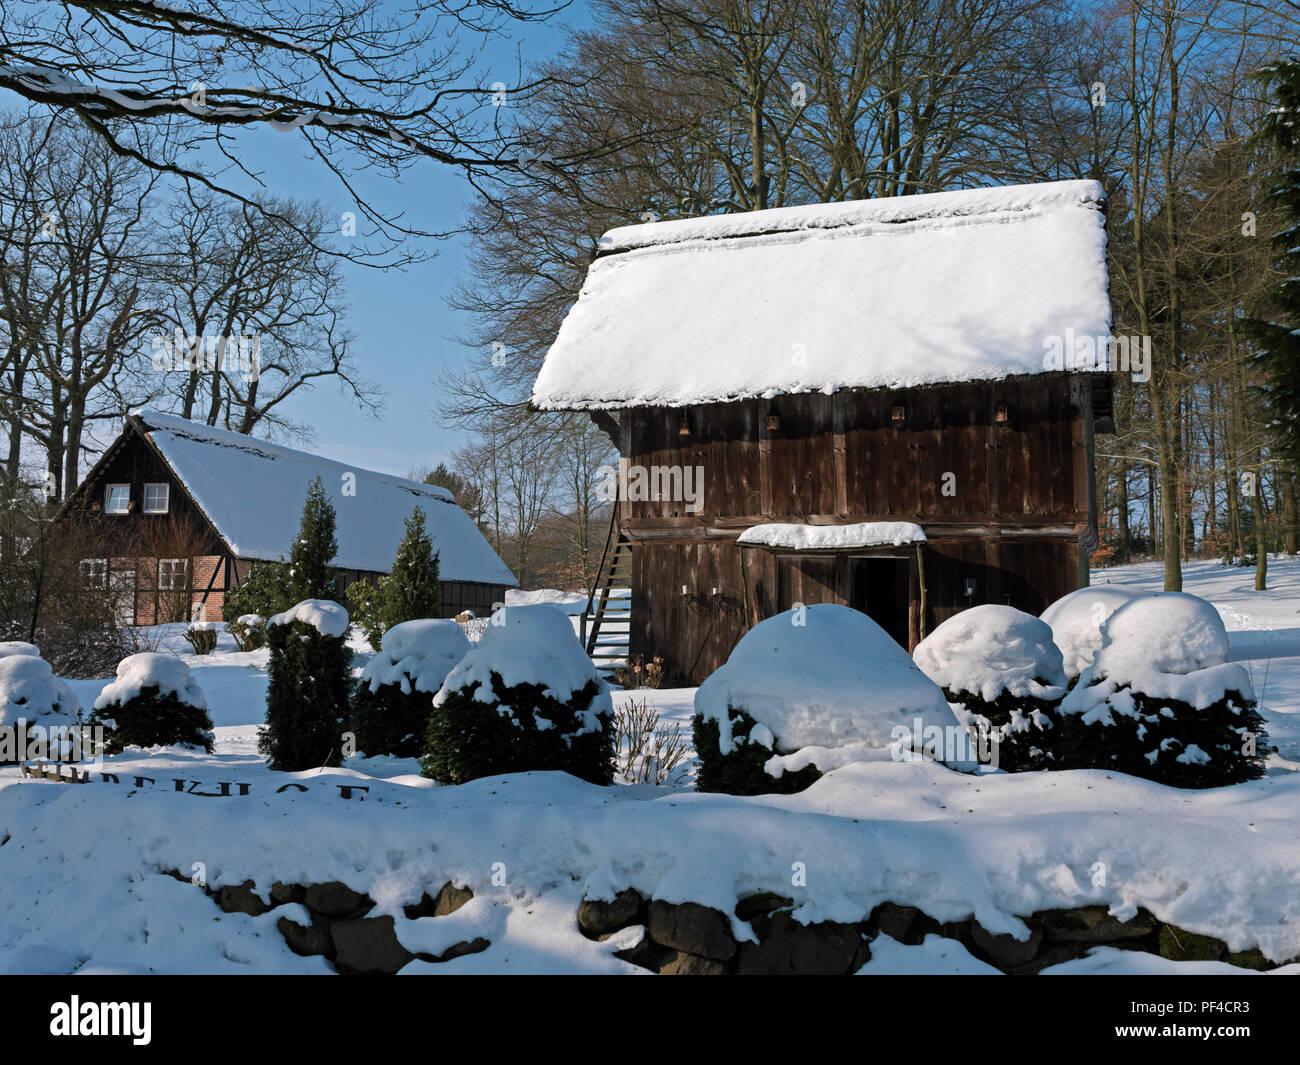 Naturpark Lüneburger Heide, Winter, alter Speicher, Oberhaverbeck, Gemeinde Bispingen, Landkreis Diepholz, Niedersachsen, Deutschland | Natur Stockbild